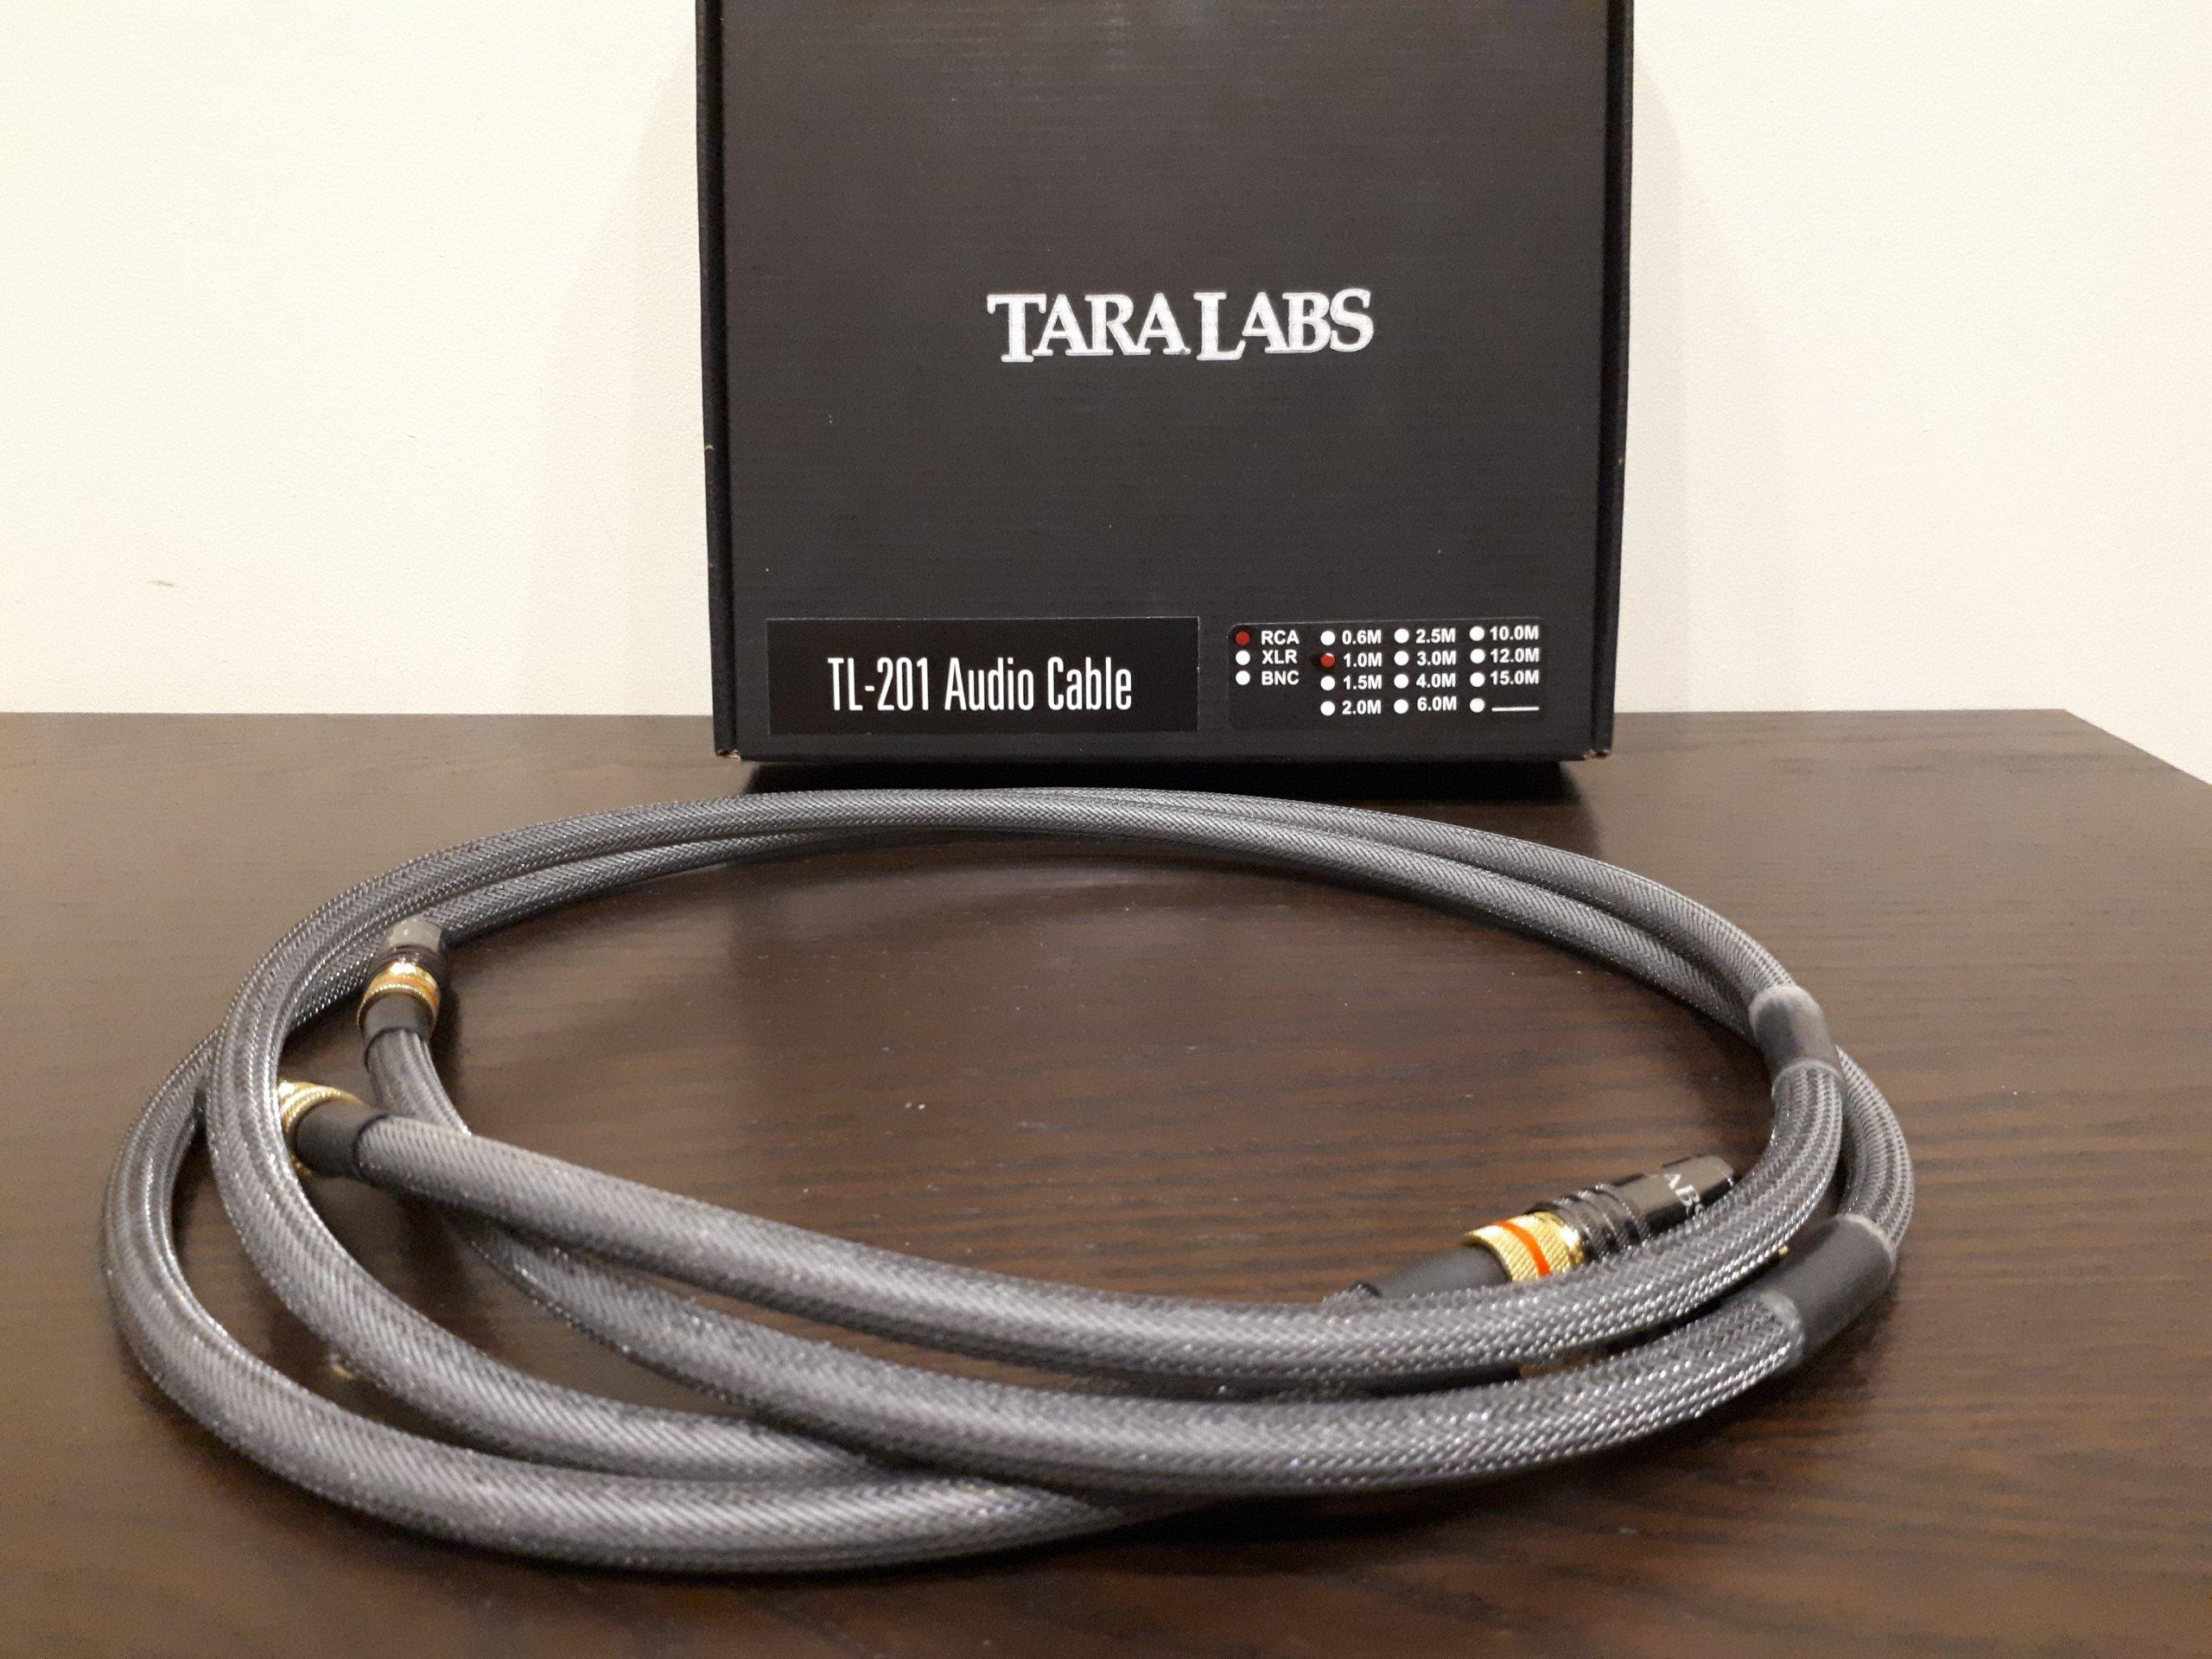 Tara Labs TL-201